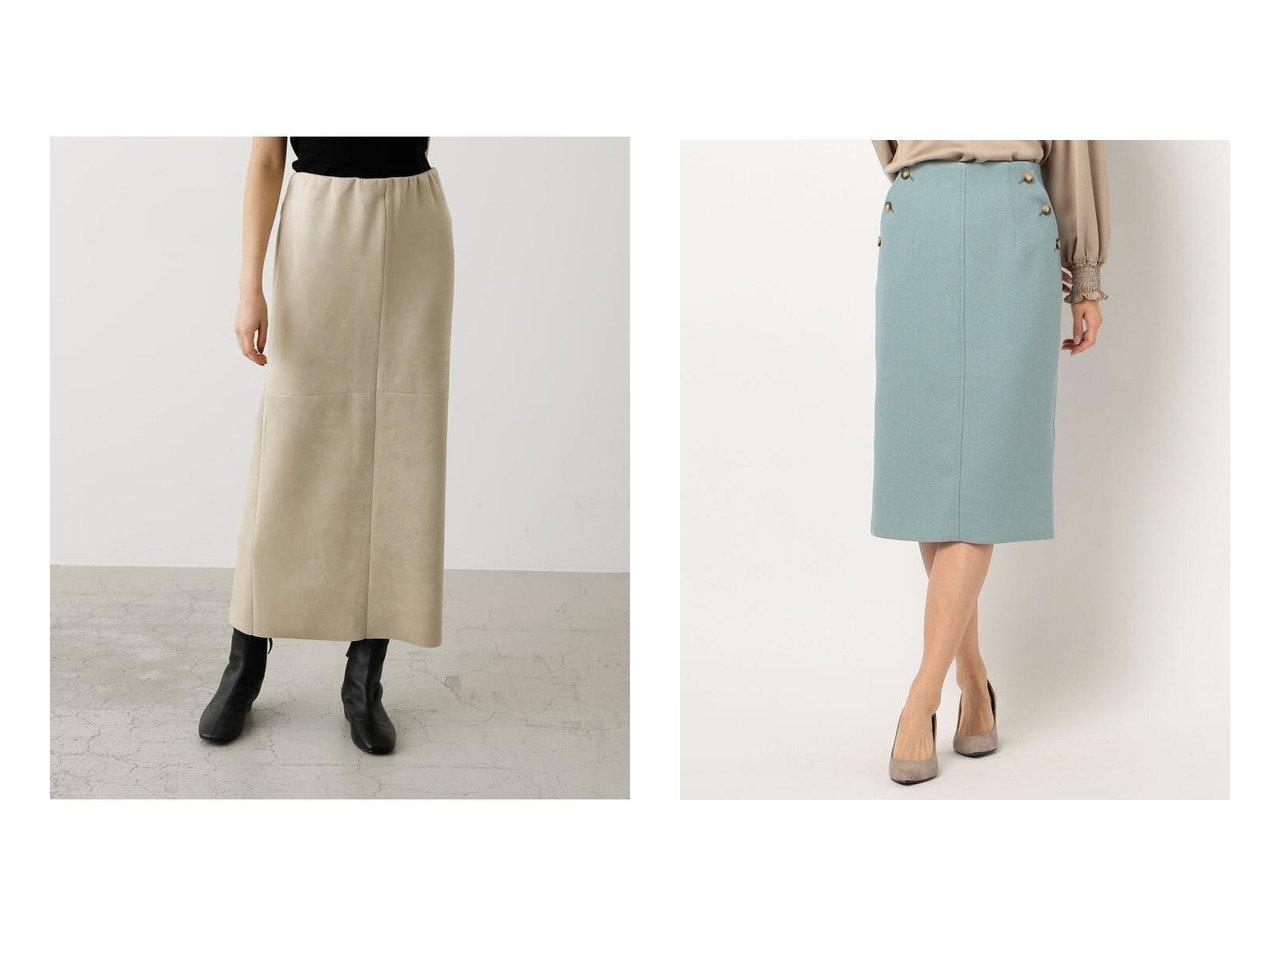 【NOLLEY'S/ノーリーズ】のサイド釦ヘリンボンタイトスカート&【AZUL by moussy/アズール バイ マウジー】のFAKE SUEDE SLIT SKIRT スカートのおすすめ!人気、レディースファッションの通販  おすすめで人気のファッション通販商品 インテリア・家具・キッズファッション・メンズファッション・レディースファッション・服の通販 founy(ファニー) https://founy.com/ ファッション Fashion レディース WOMEN スカート Skirt 冬 Winter なめらか スエード ストレッチ バランス ペンシル ミドル クラシカル シンプル タイトスカート ヘリンボーン |ID:crp329100000004056